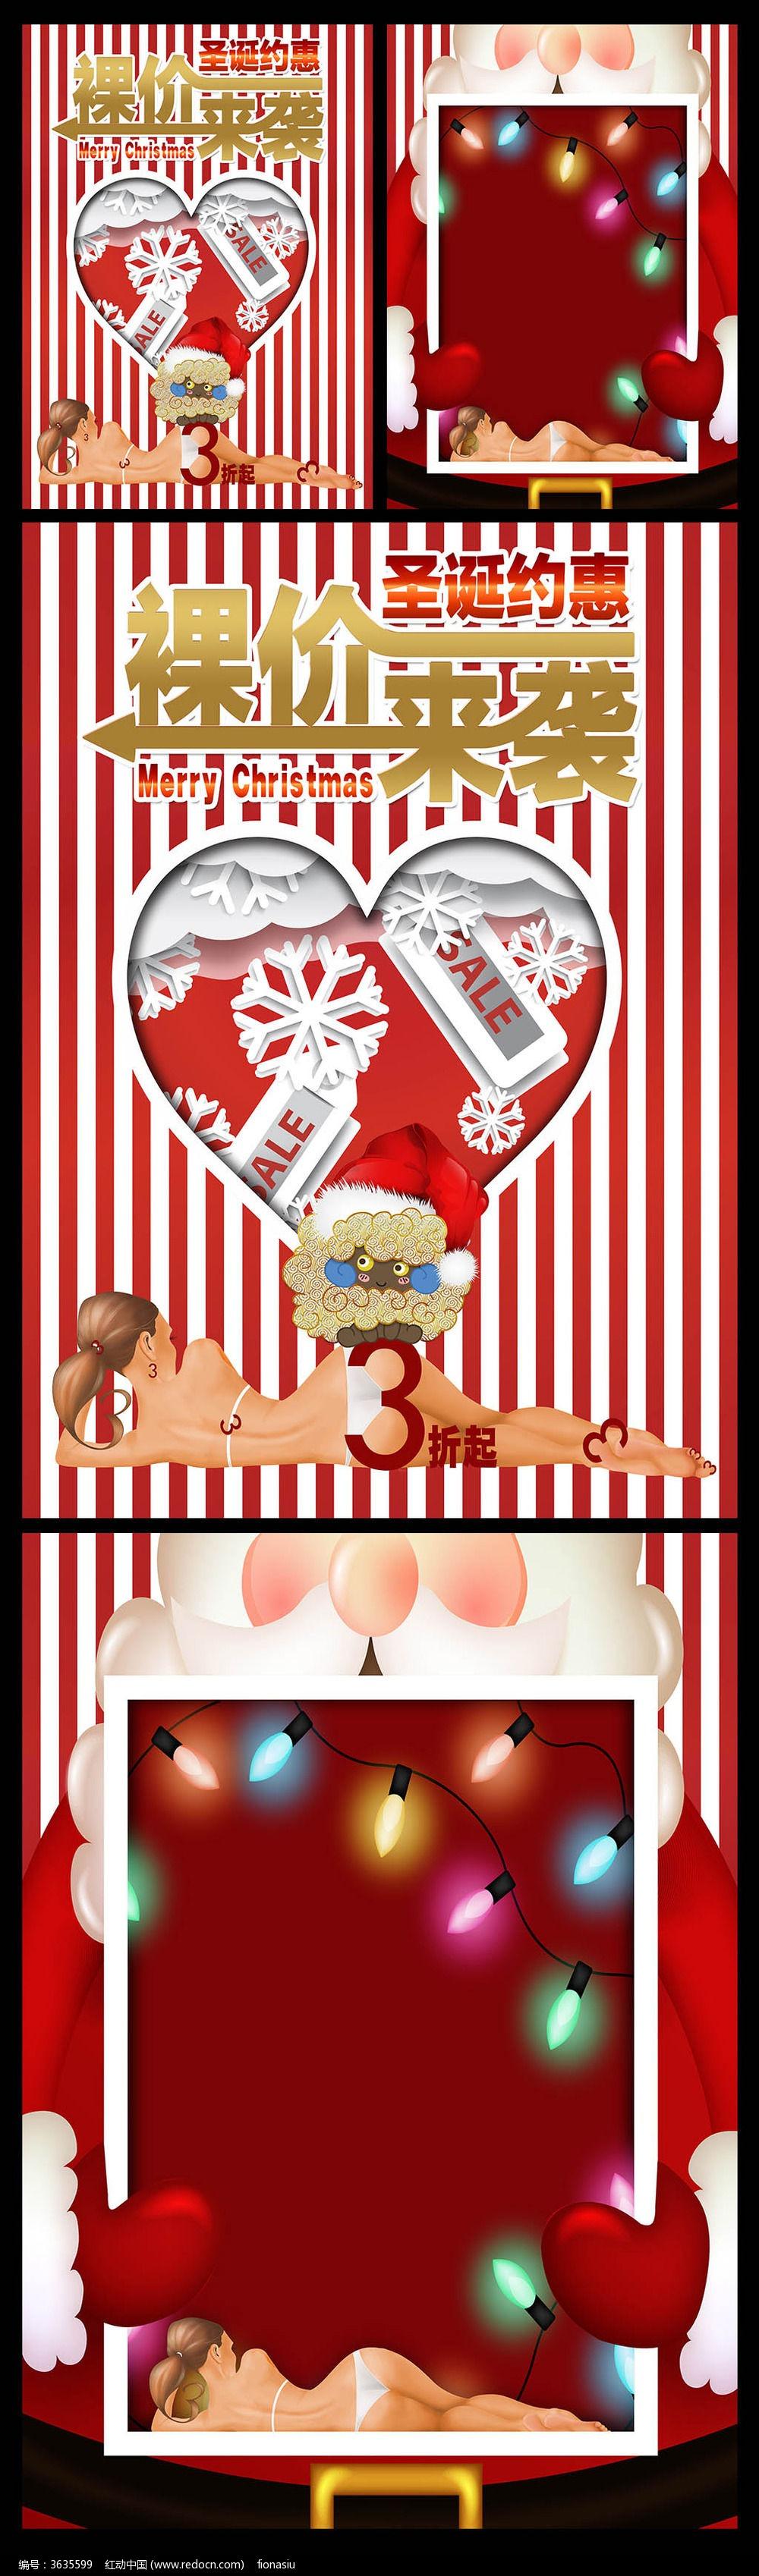 手绘比基尼美女圣诞促销海报psd素材下载